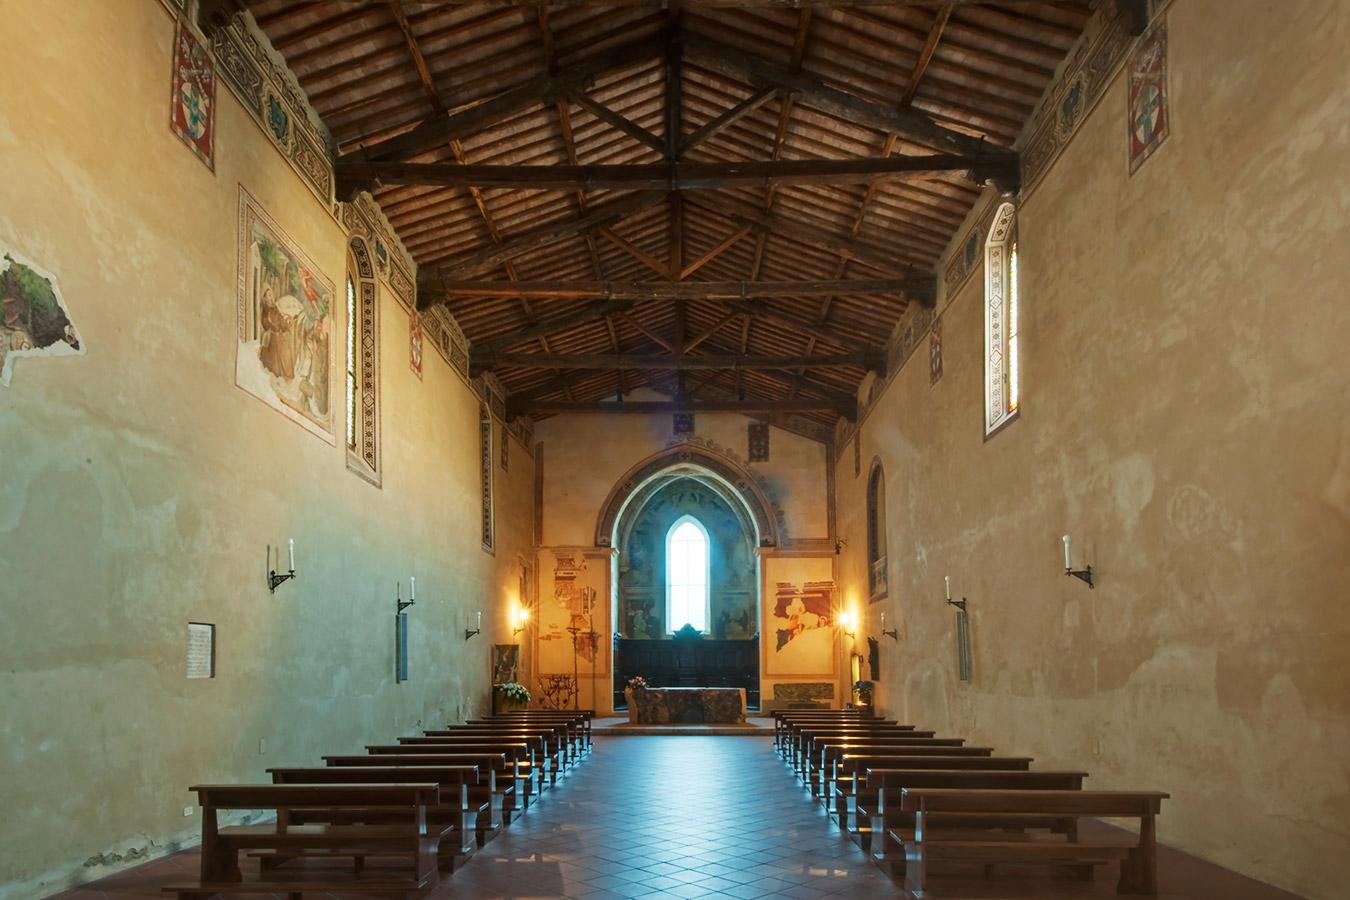 Co to jest teocentryzm? Jak wyglądał teocentryzm w średniowieczu?